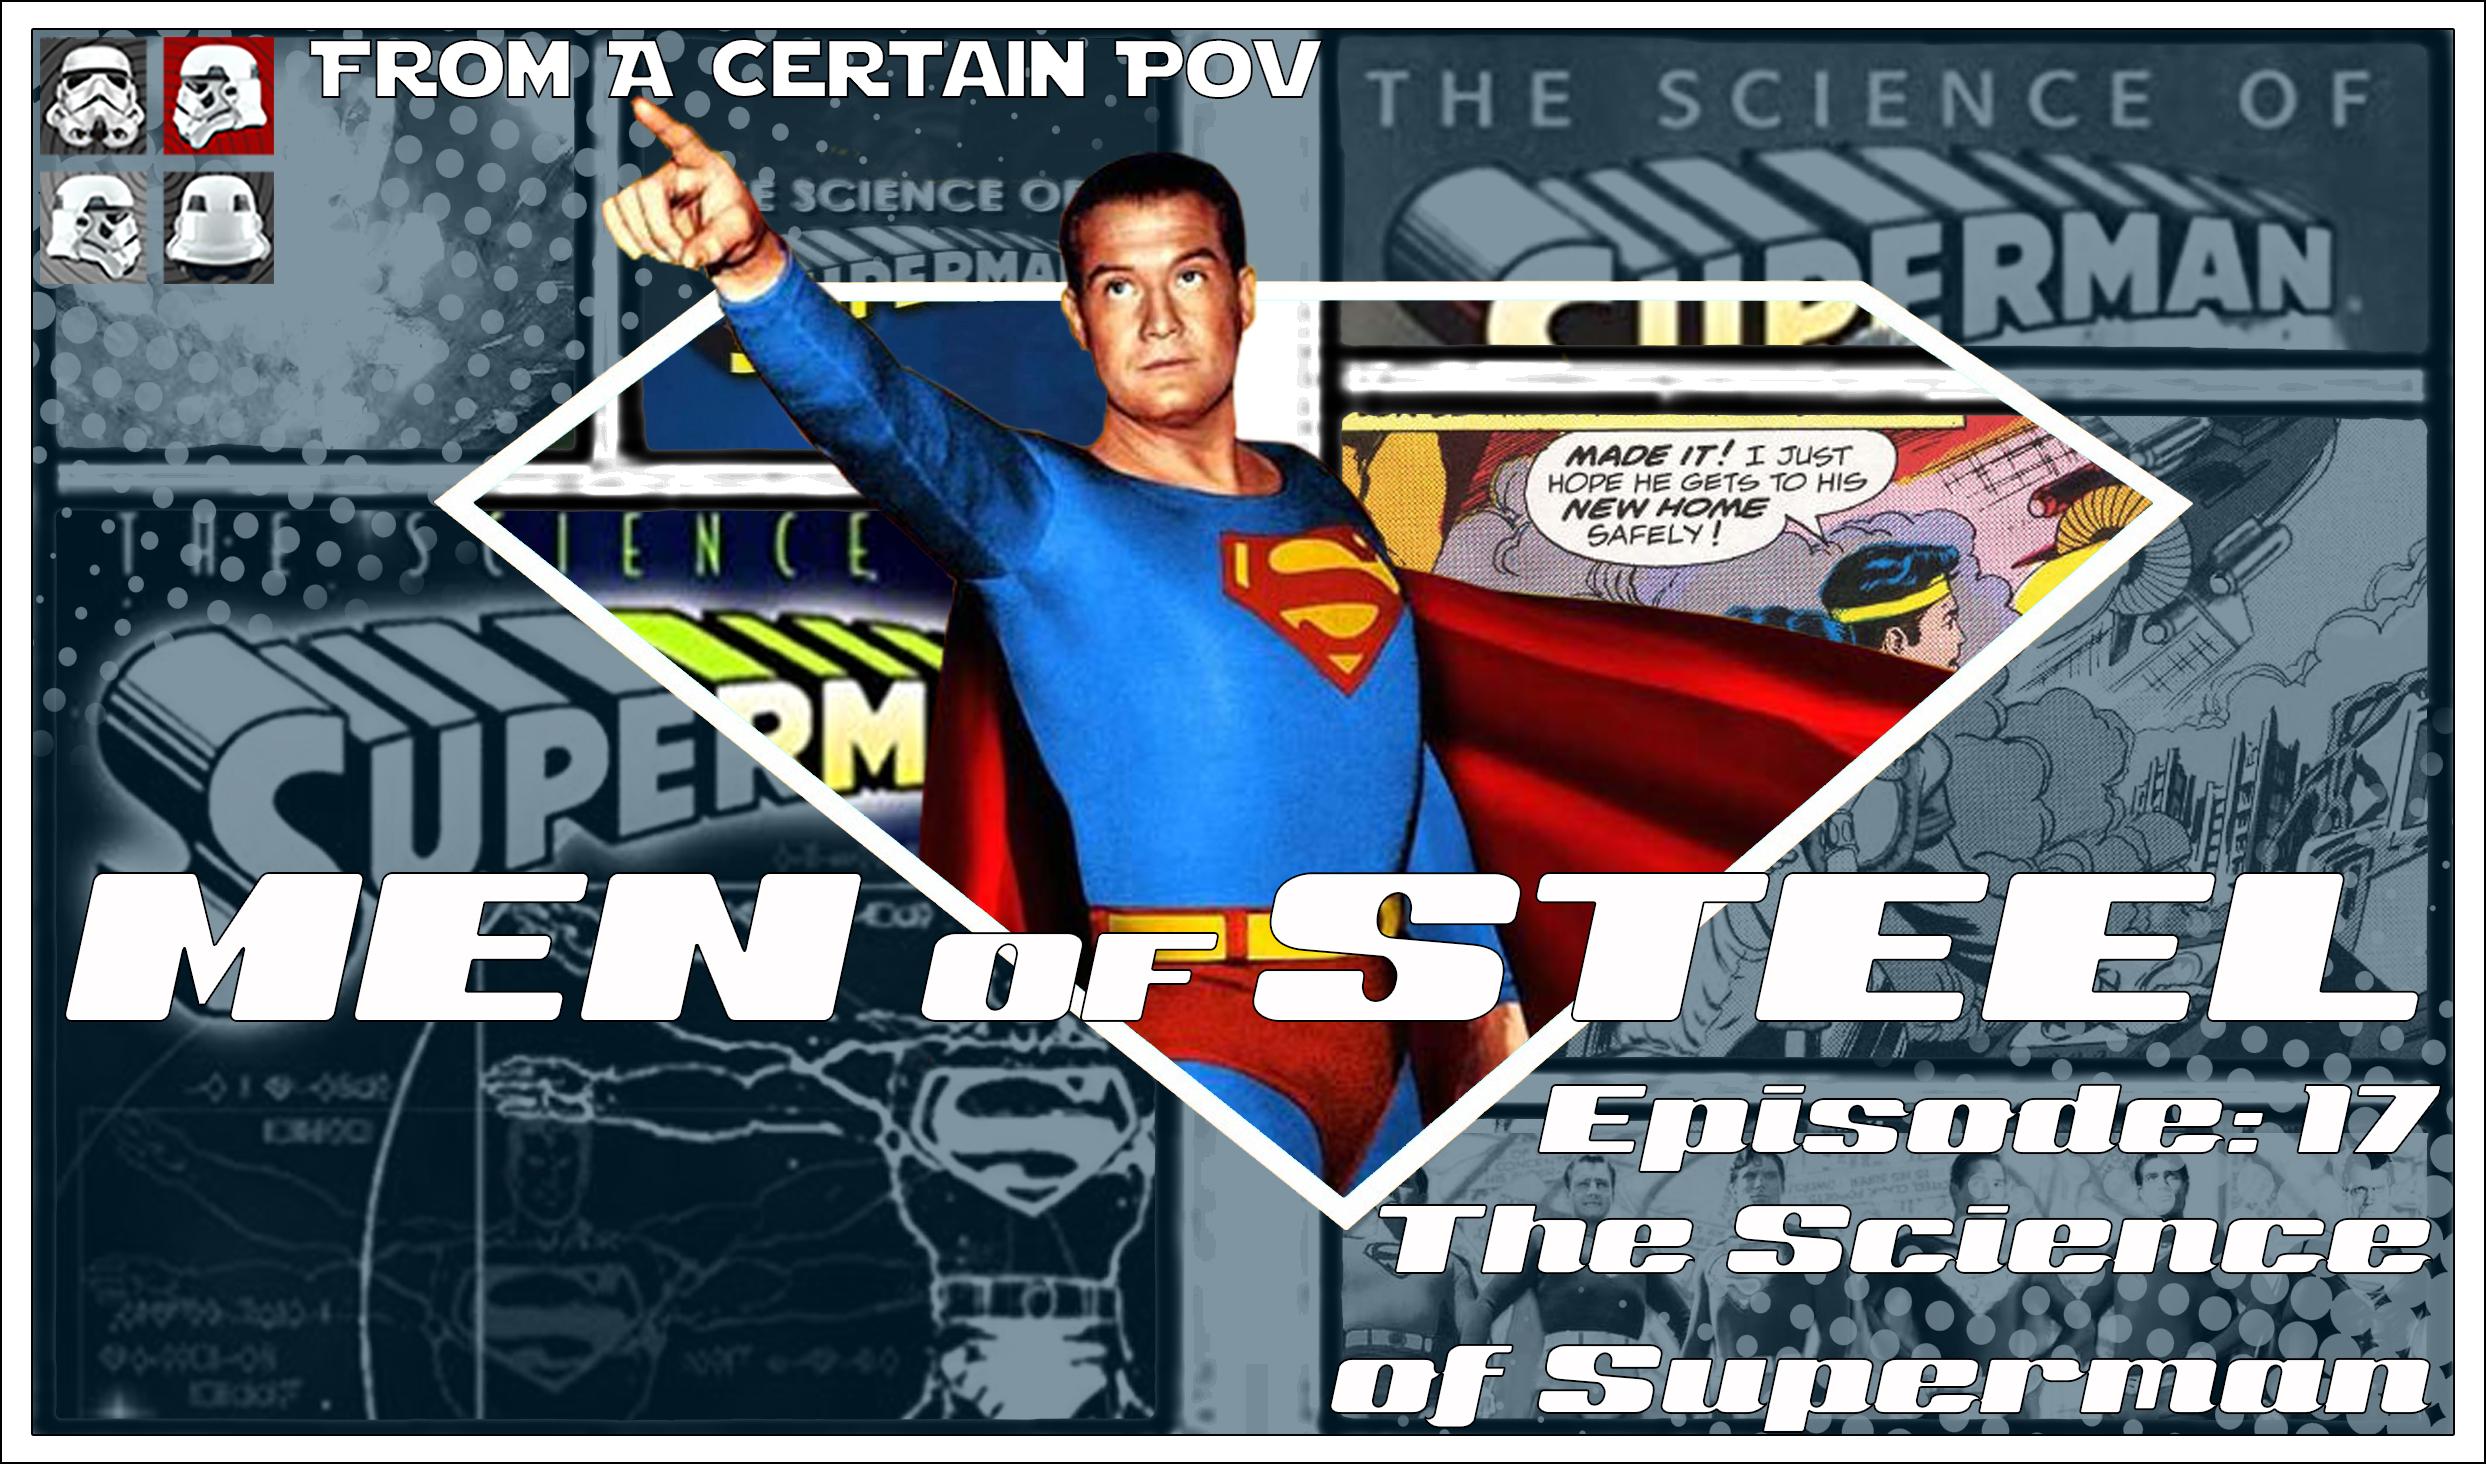 17 - Science of Superman.jpg